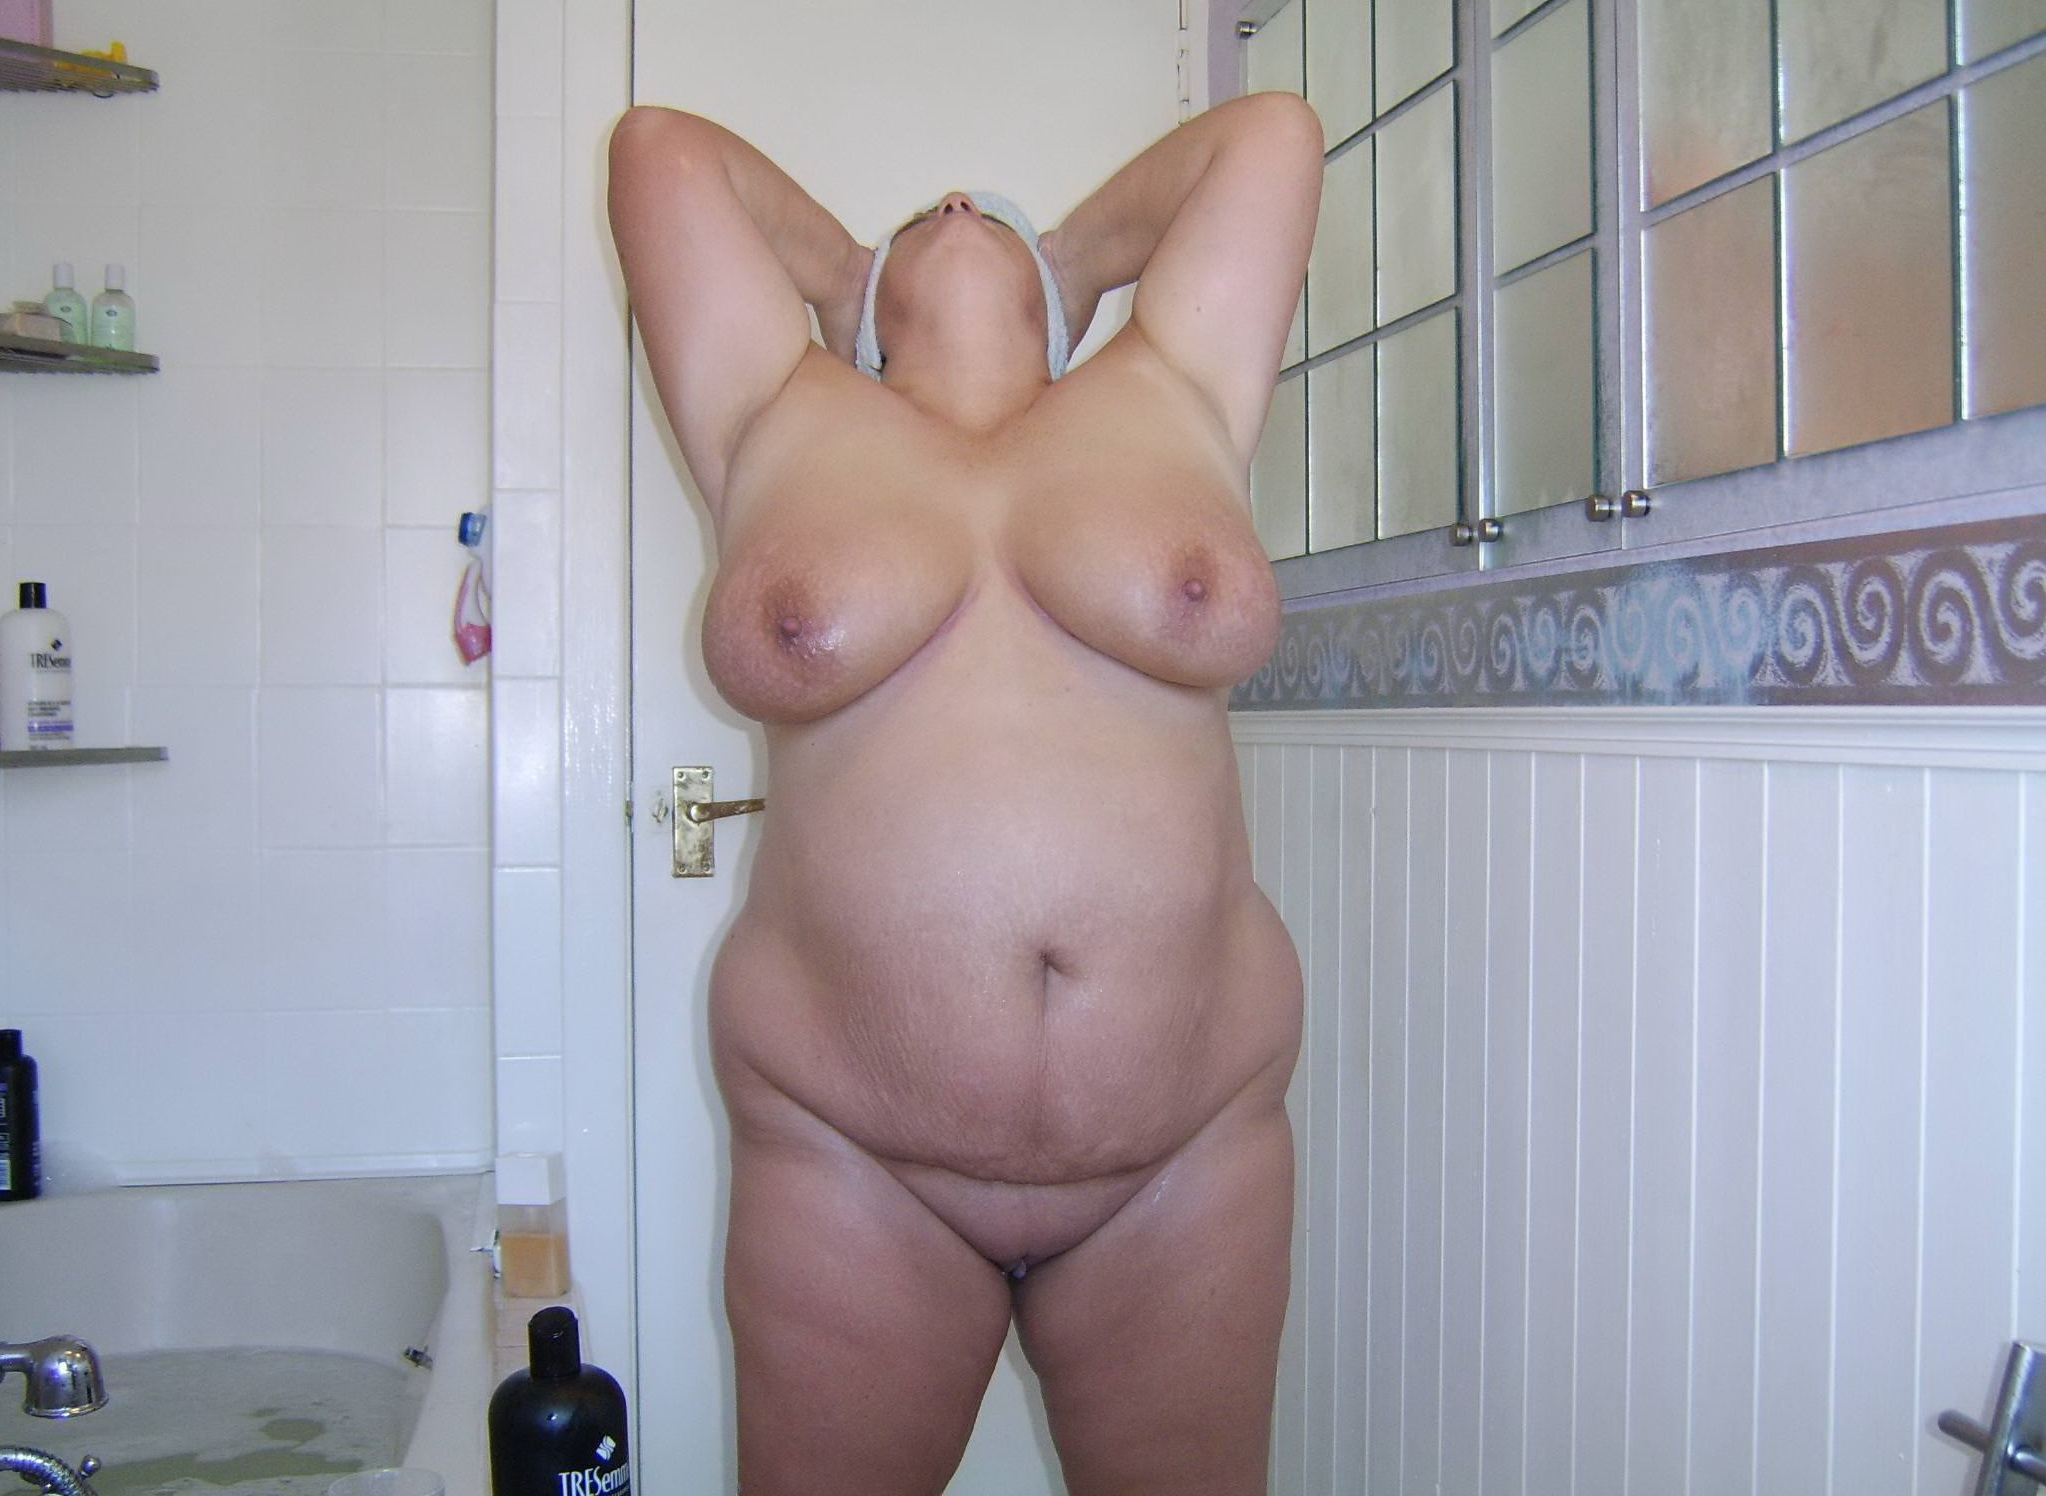 Фото полненьких голых женщин бесплатно, Порно фото с полными дамами 11 фотография